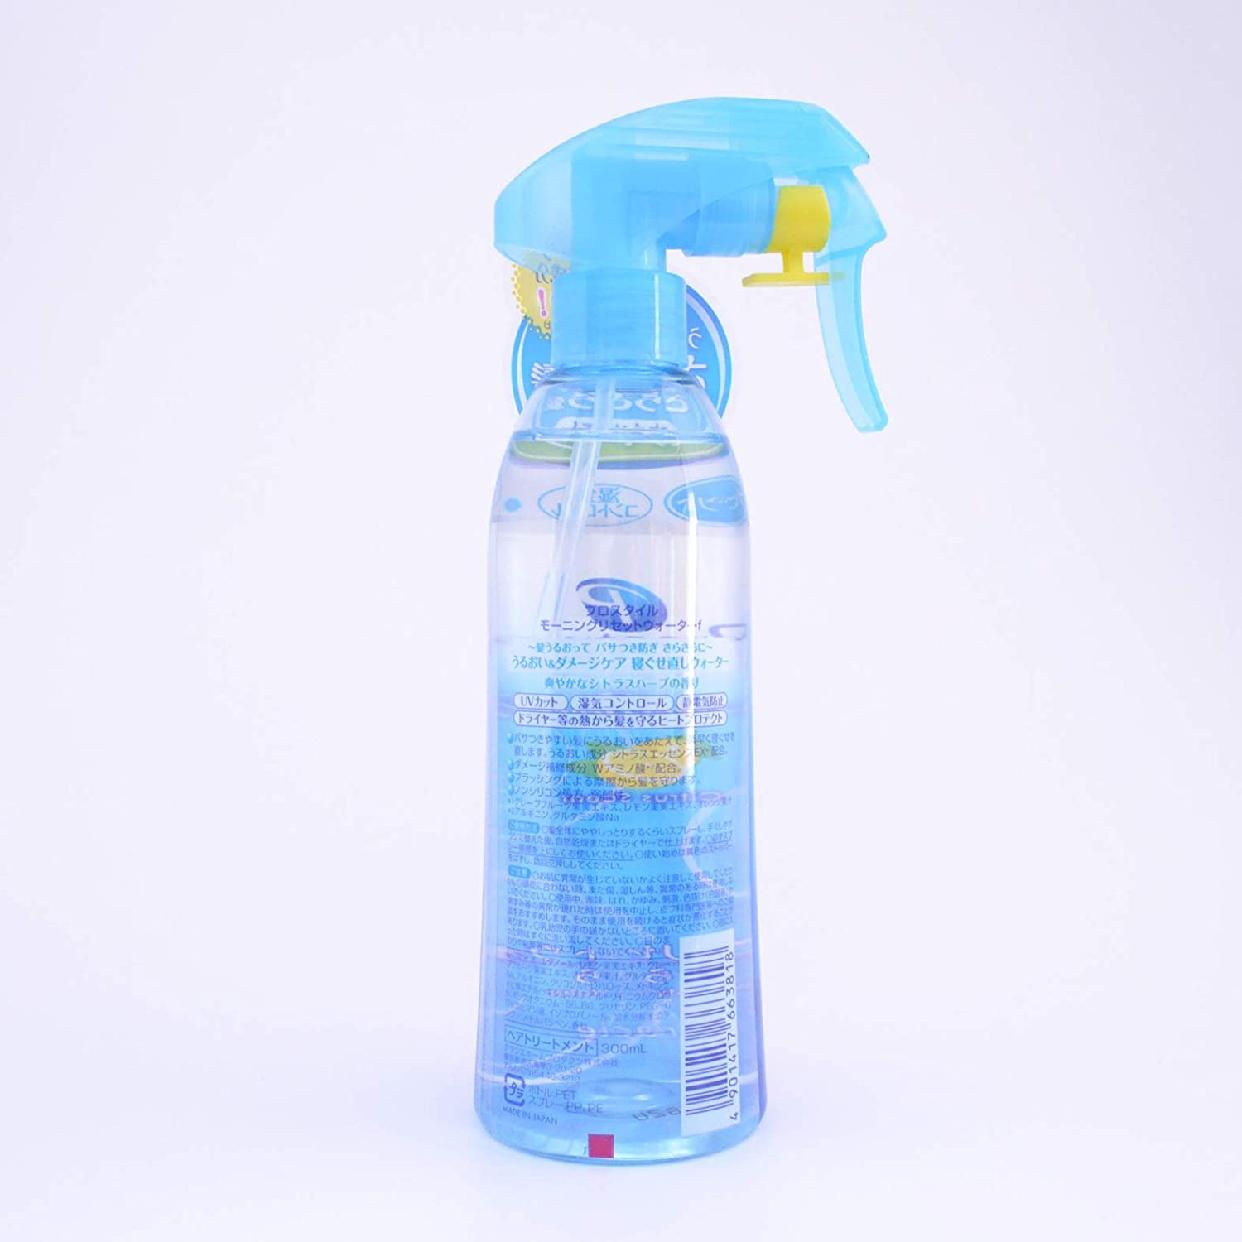 Kracie(クラシエ) プロスタイル モーニングリセットウォーター シトラスハーブの香りの商品画像2